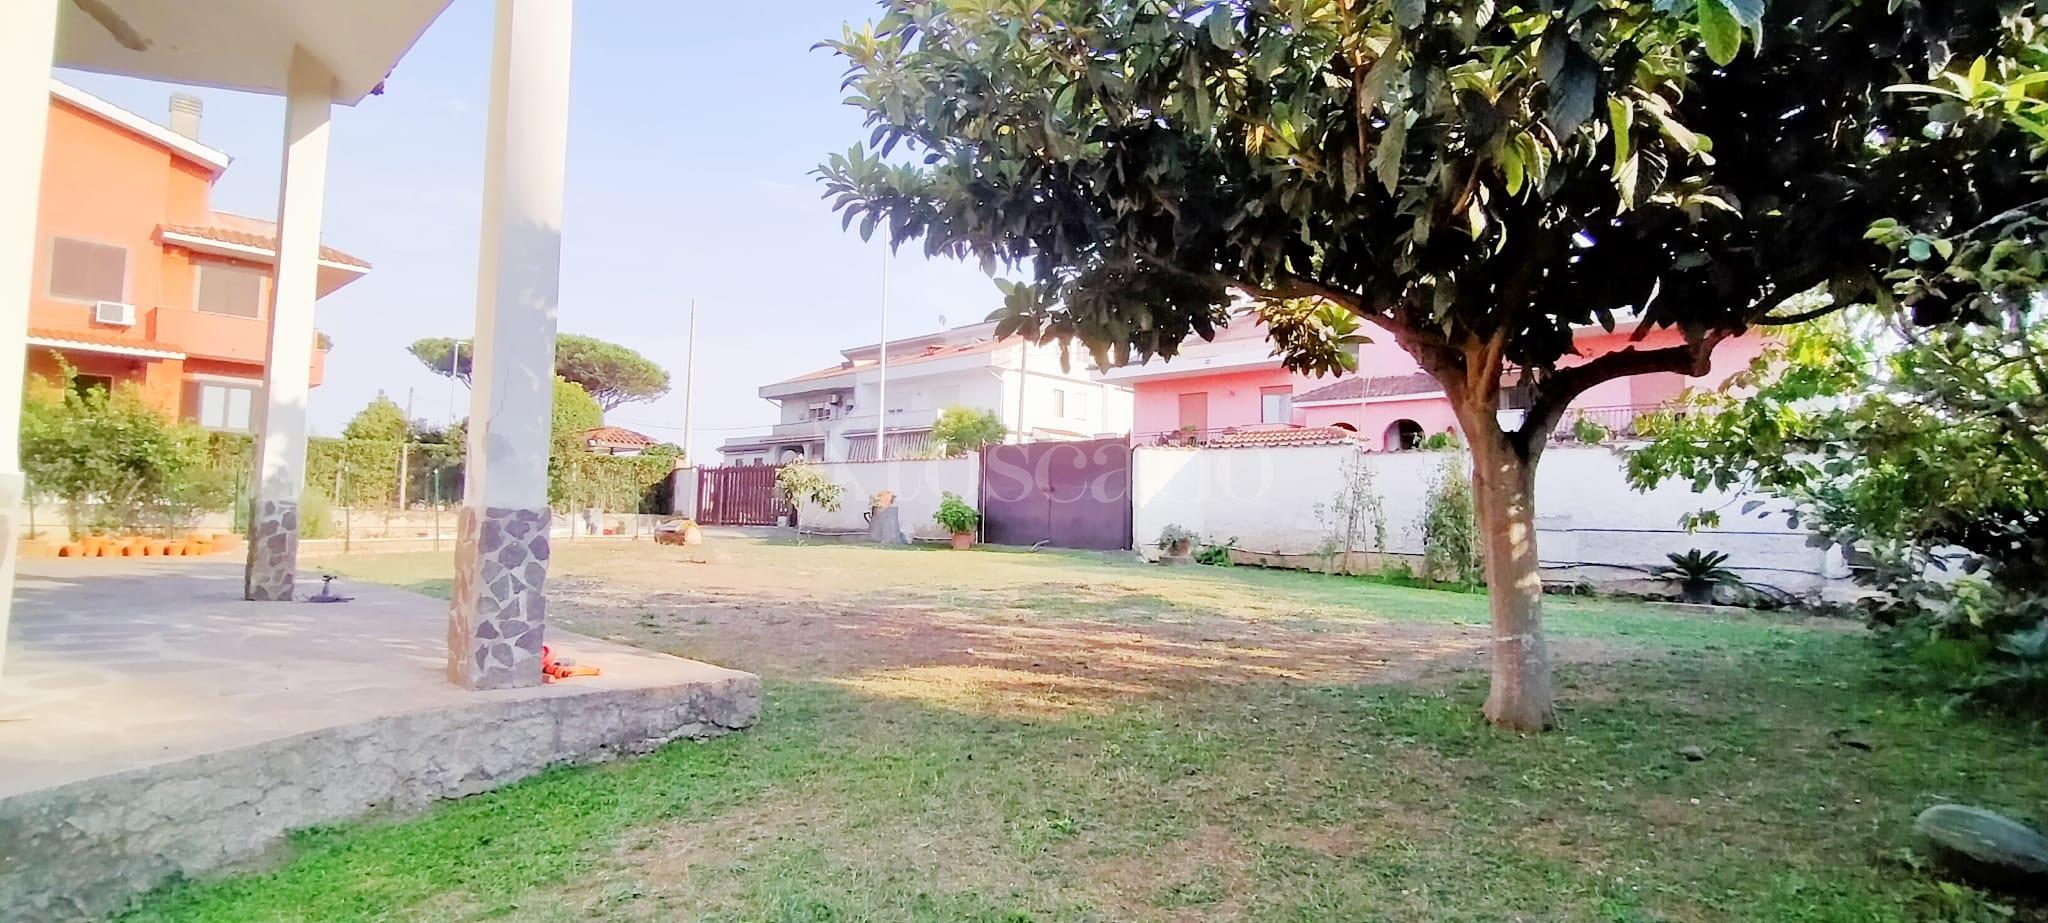 Villa in vendita di 350 mq a €799.000 (rif. 58/2020) immagine 6 di 15